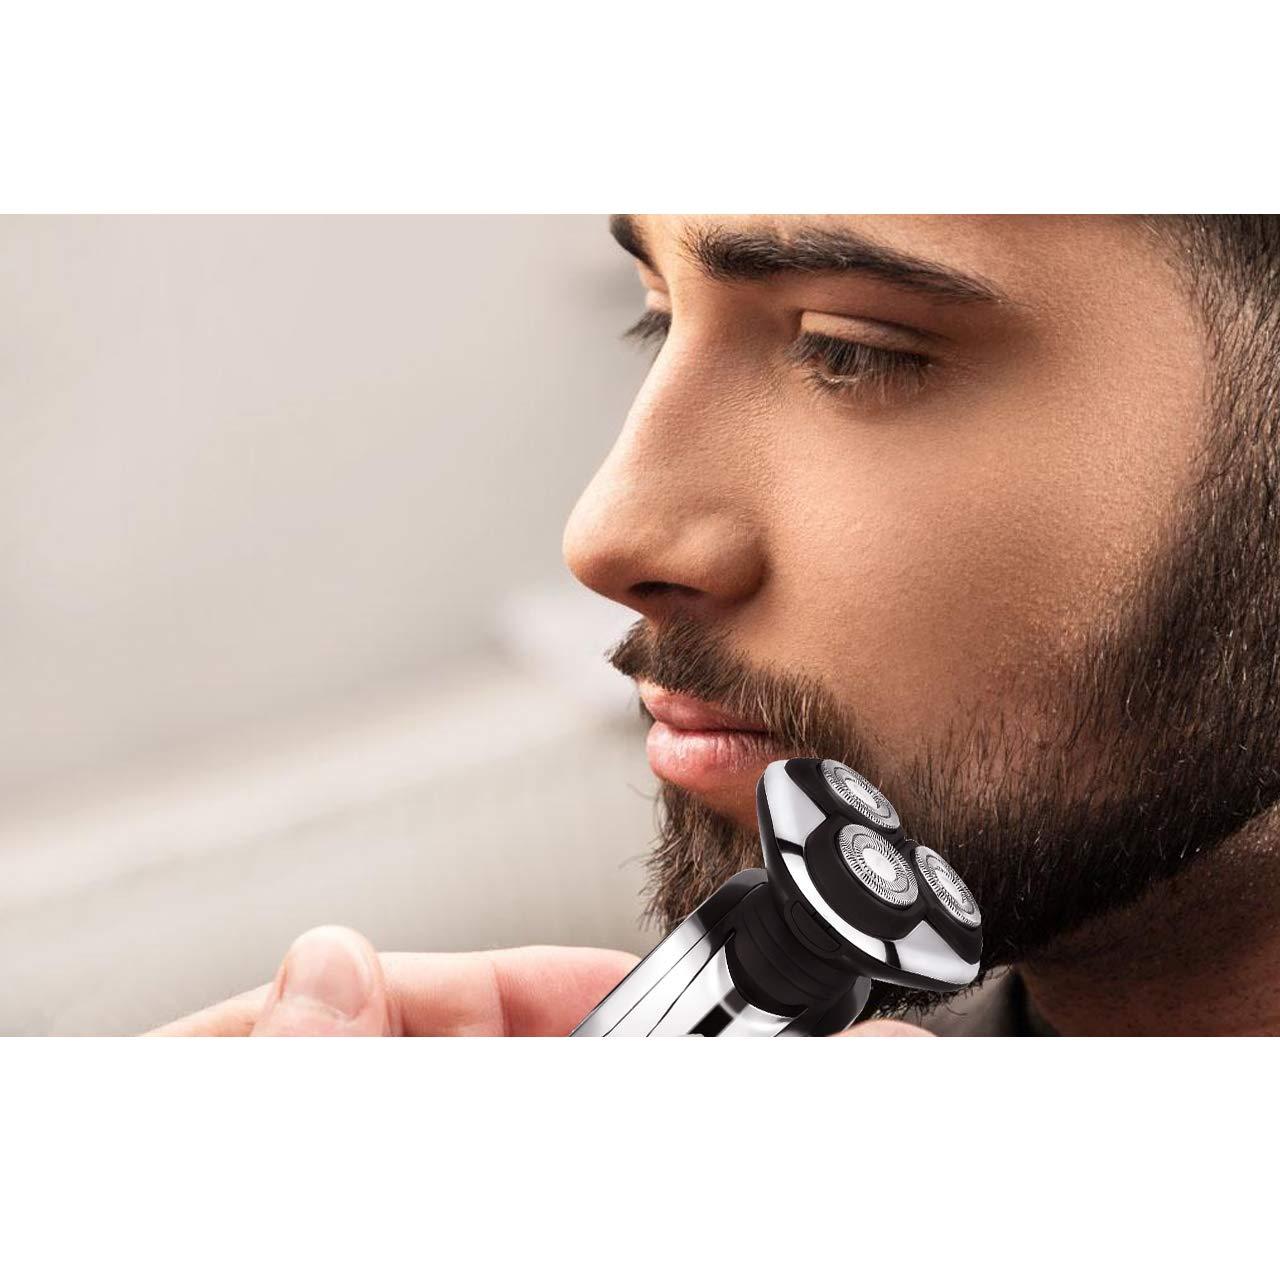 POVOS - Juego de afeitado para hombre 4 en 1, afeitadora giratoria ...